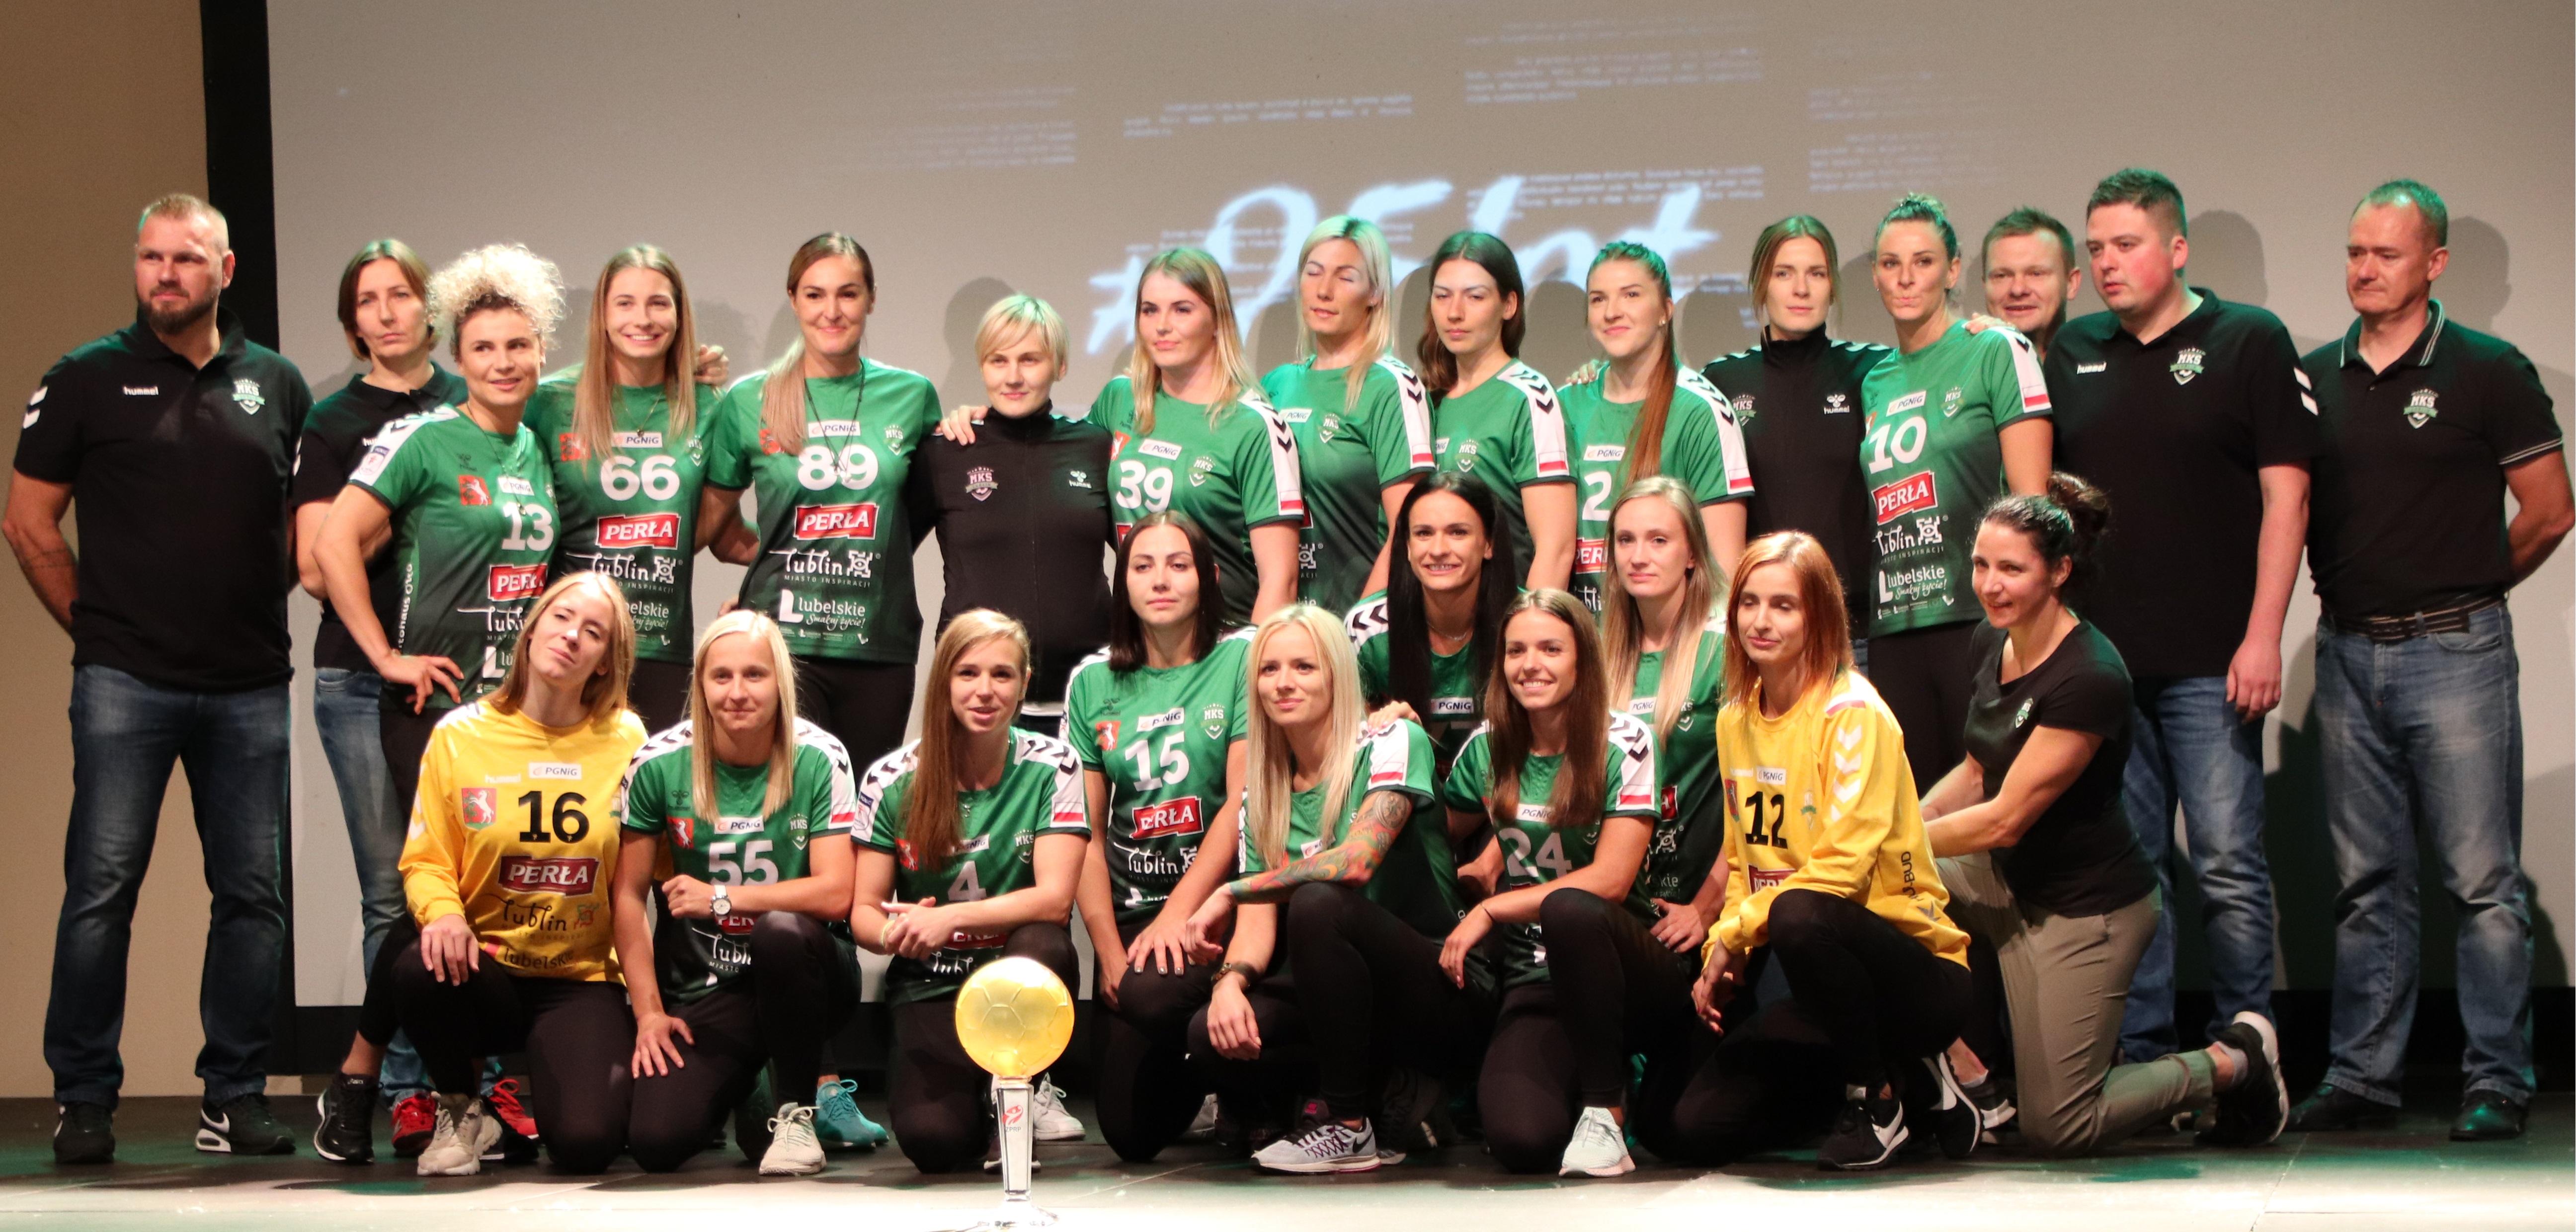 Drużyna piłkarek ręcznych MKS Lublin zaprezentowana.